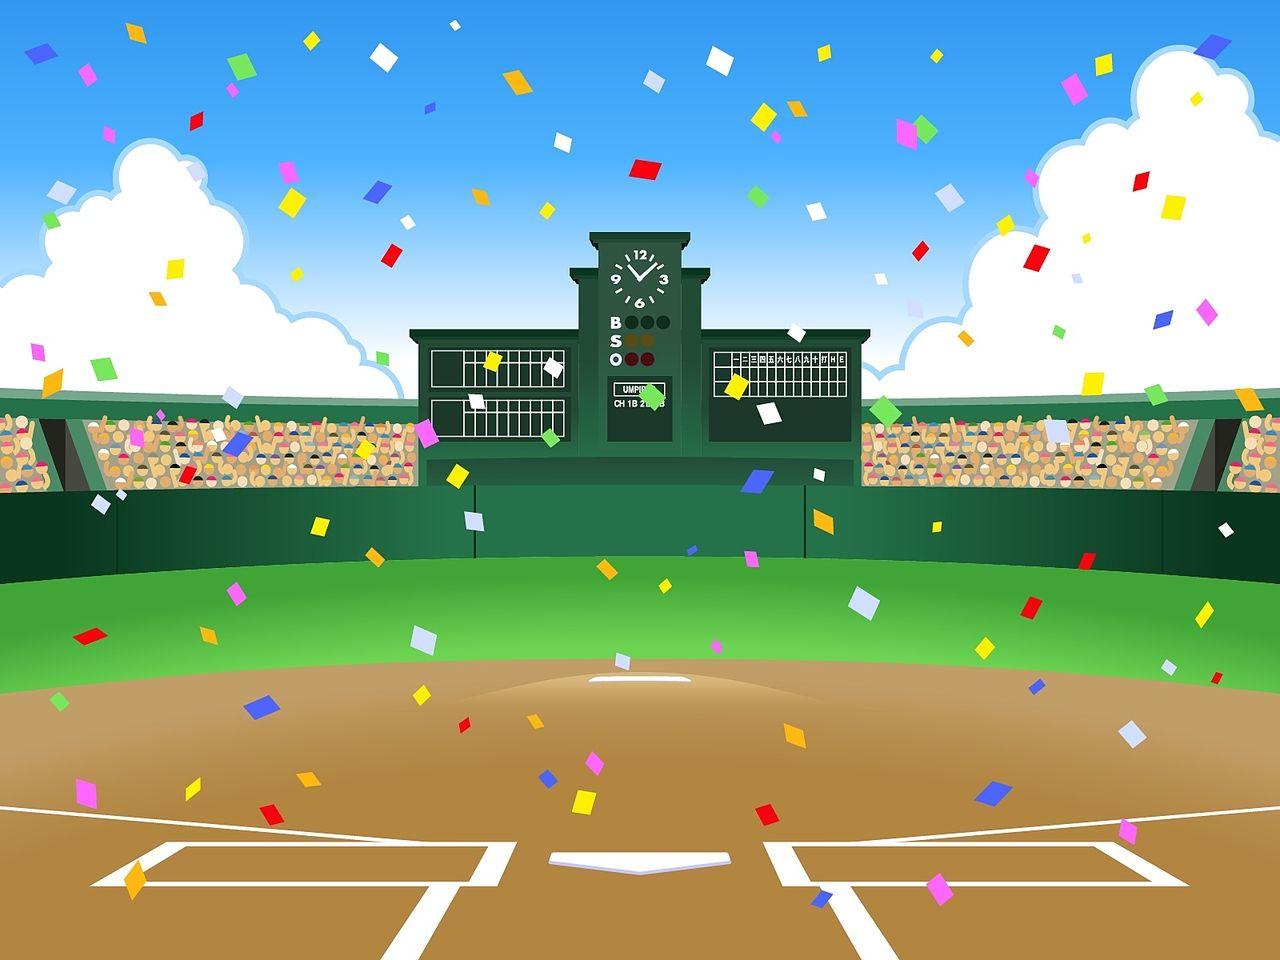 本日より新年度スタートです。新年度スタートとなると、普通は、新入生、新社会人、新なになにという発想になるでしょう。私は、球春到来です!3月26日に、無事にプロ野球が開幕しました!